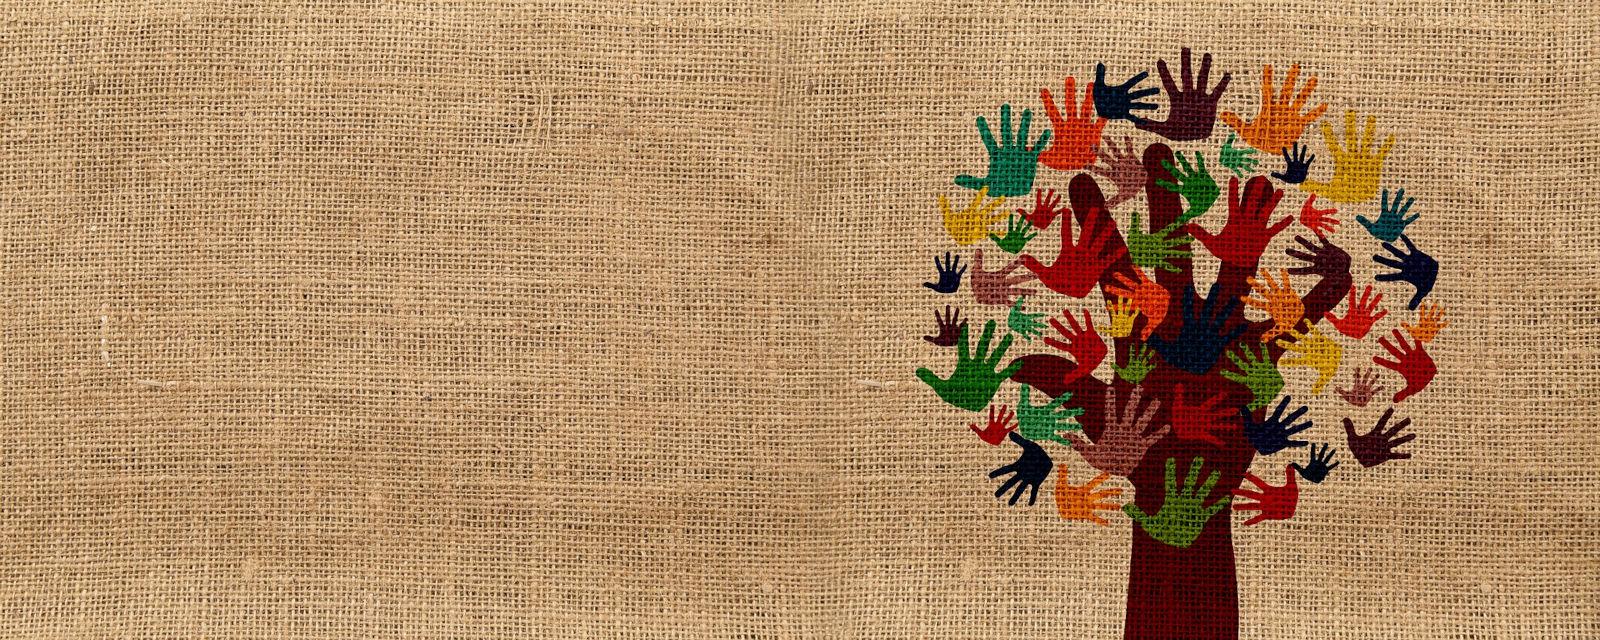 Baum aus verschieden großen und farbigen Händen